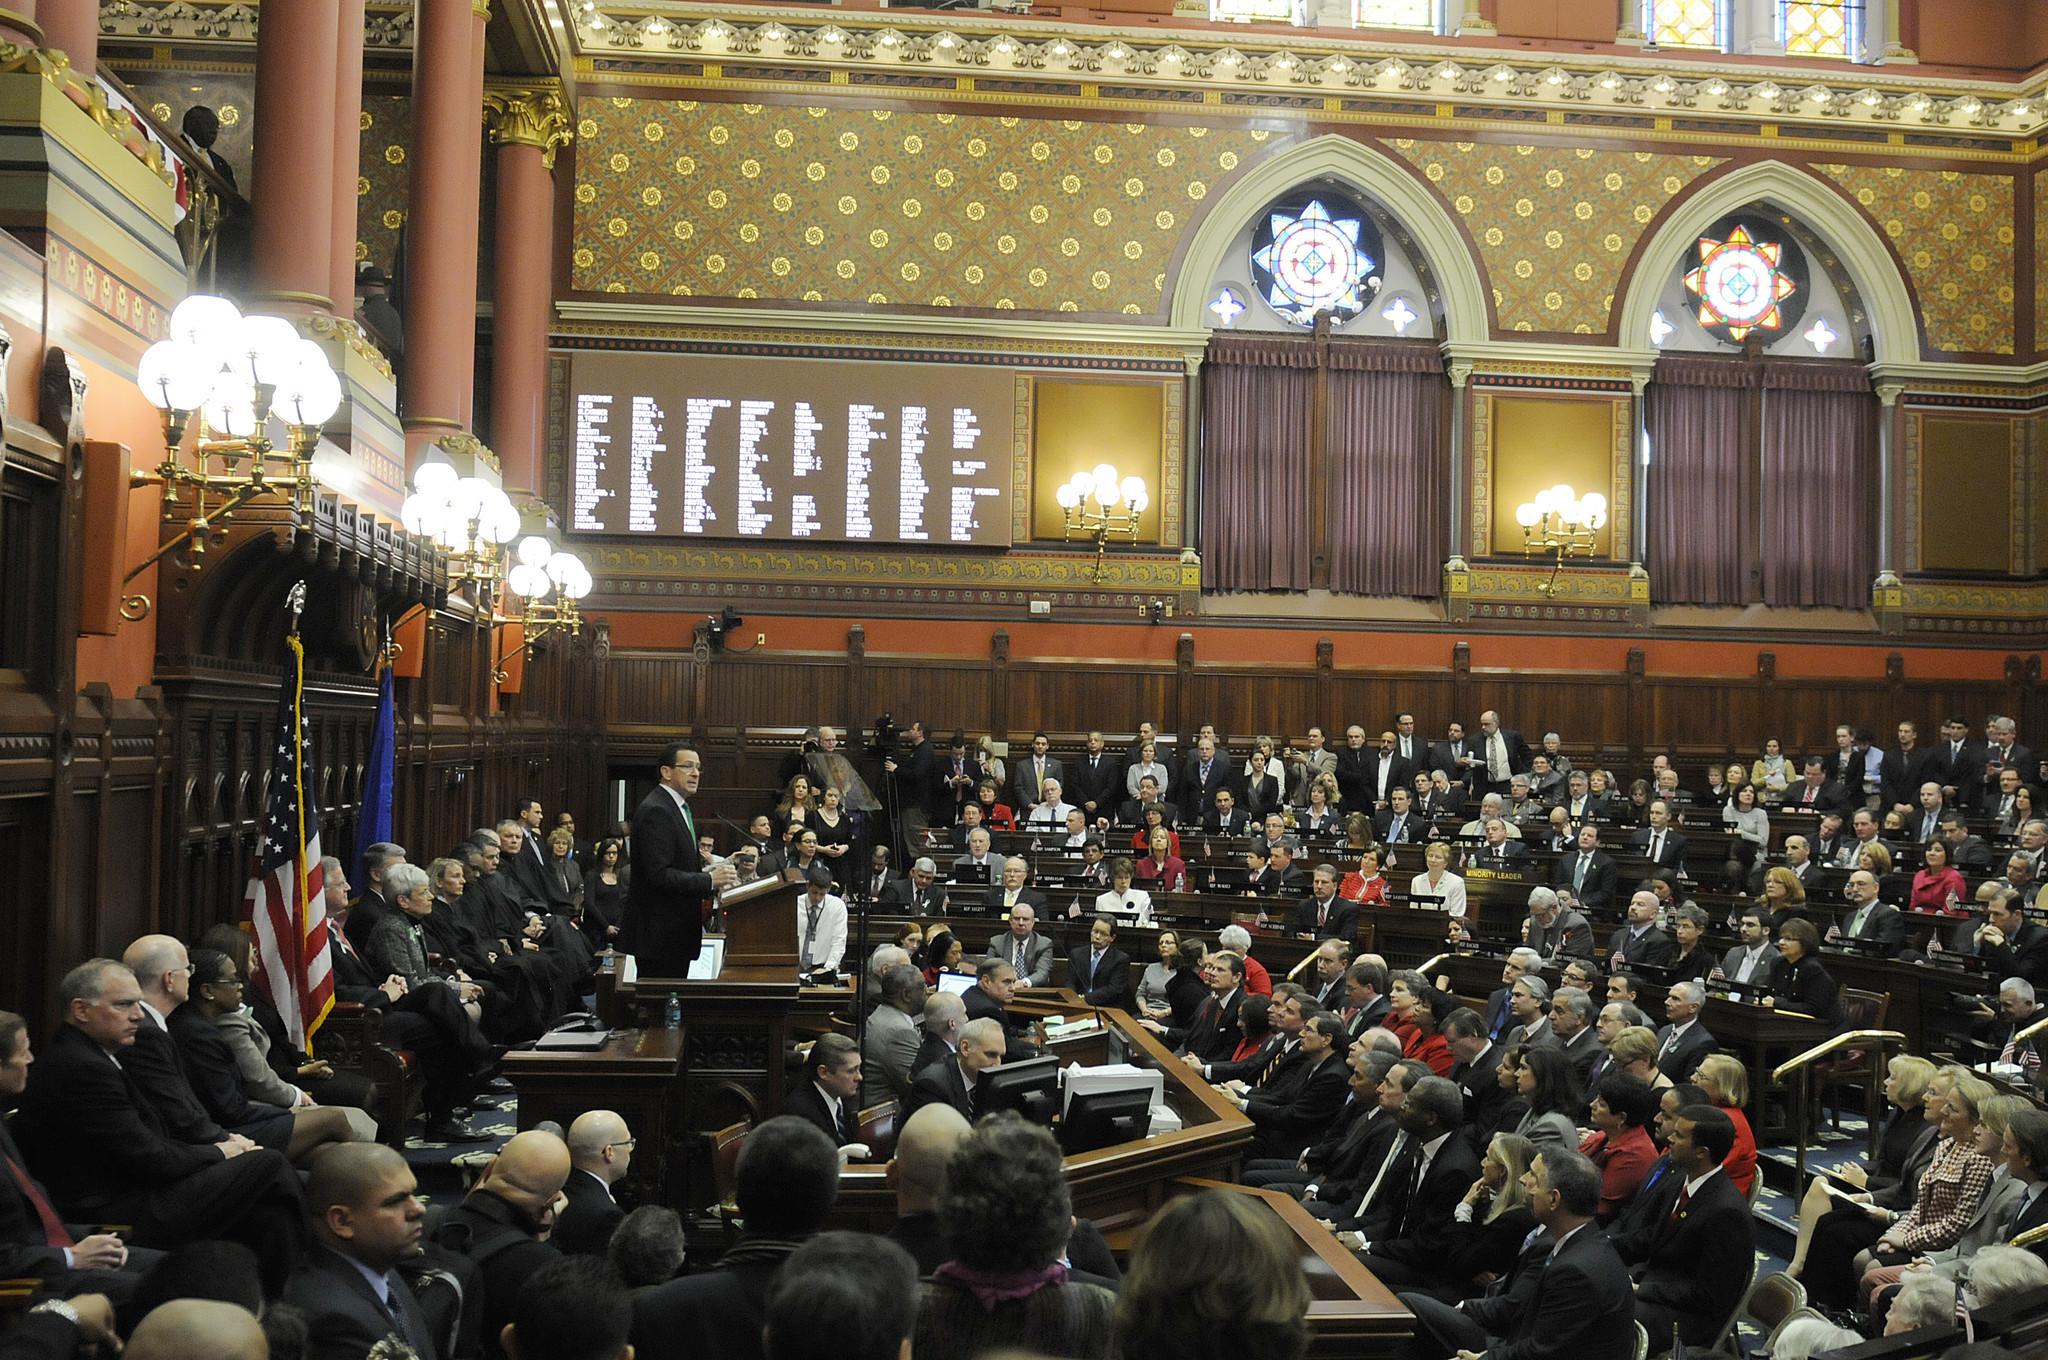 Hc-legislators-preparing-for-special-session-20160502